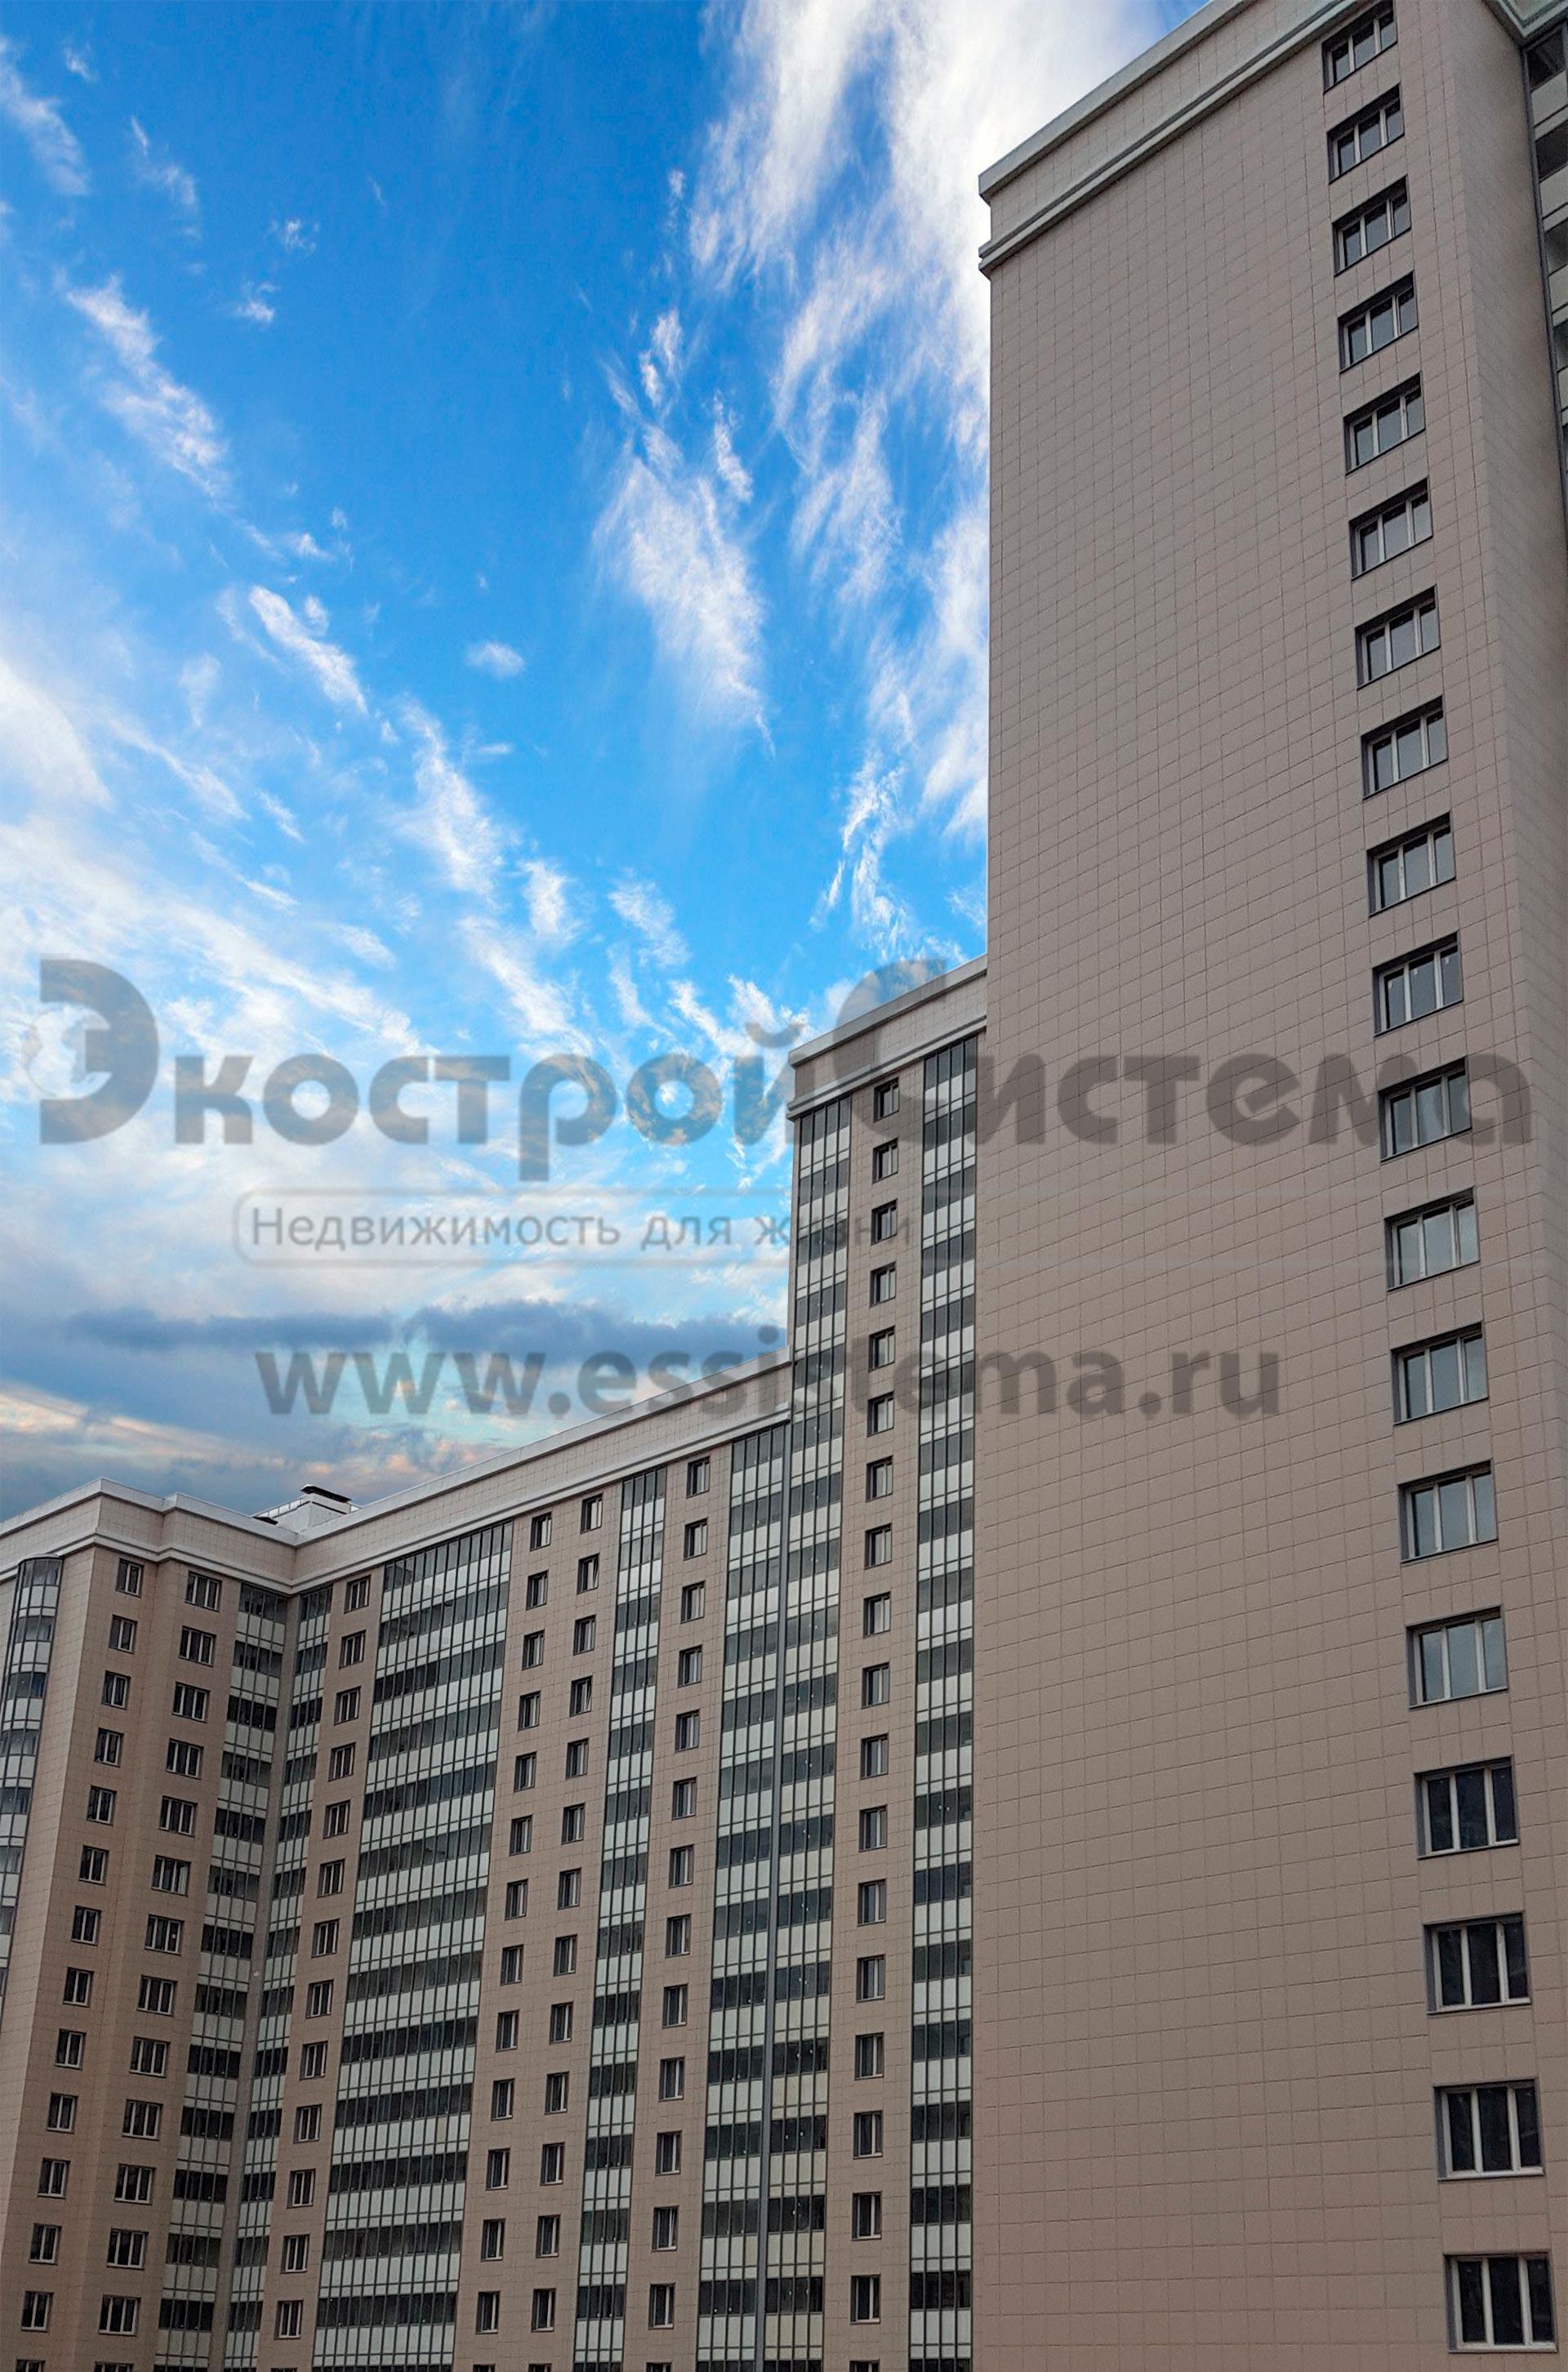 """1-комнатная квартира №348 (секция Д) площадью 43,7 м2 на 12-м этаже в ЖК комфорт-класса """"Сокол"""""""